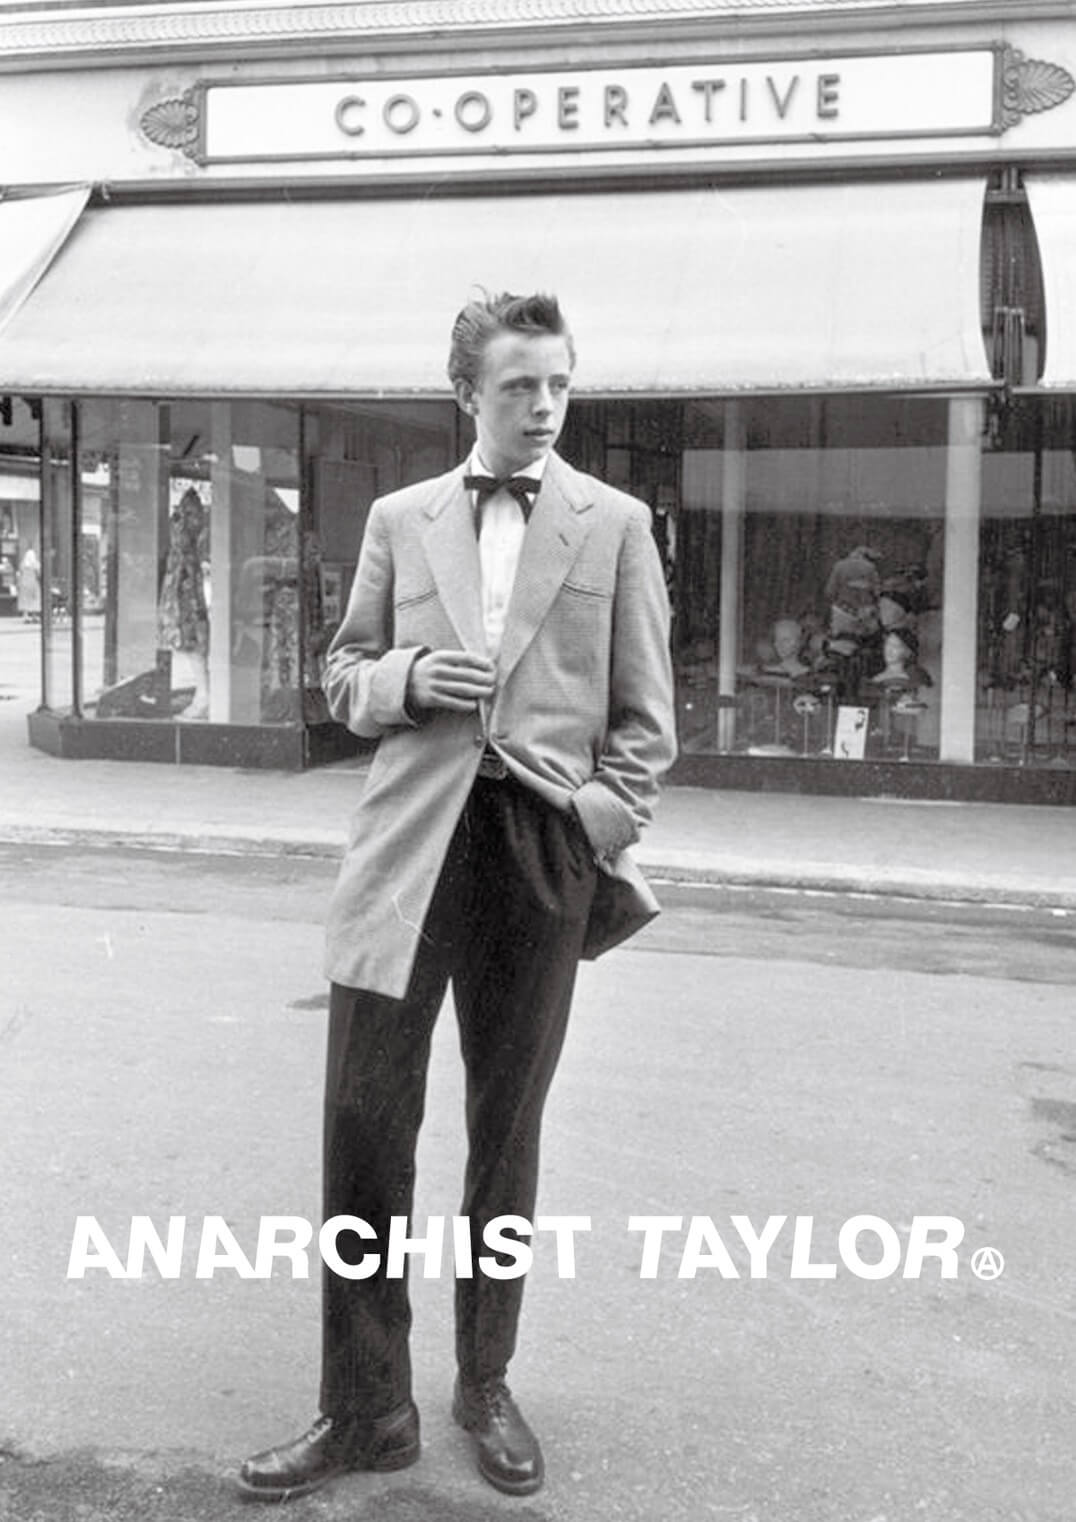 anarchist taylor ビジュアル3